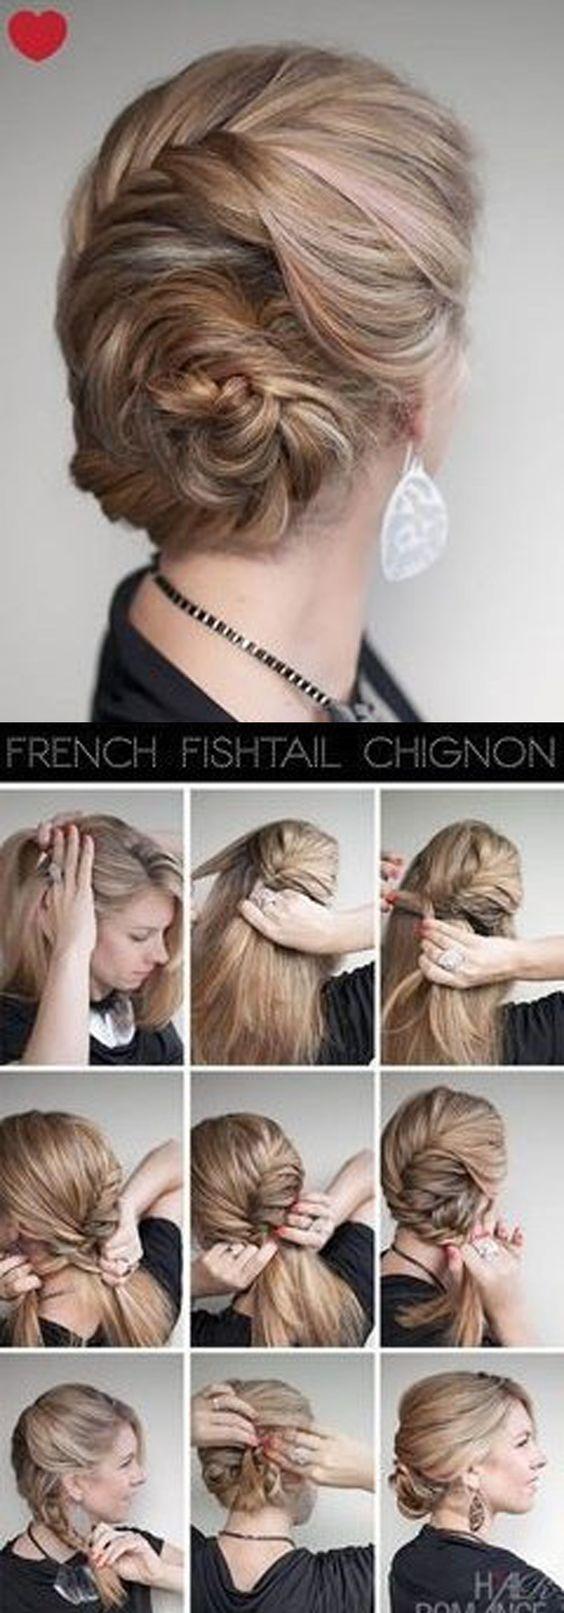 франзуские косы